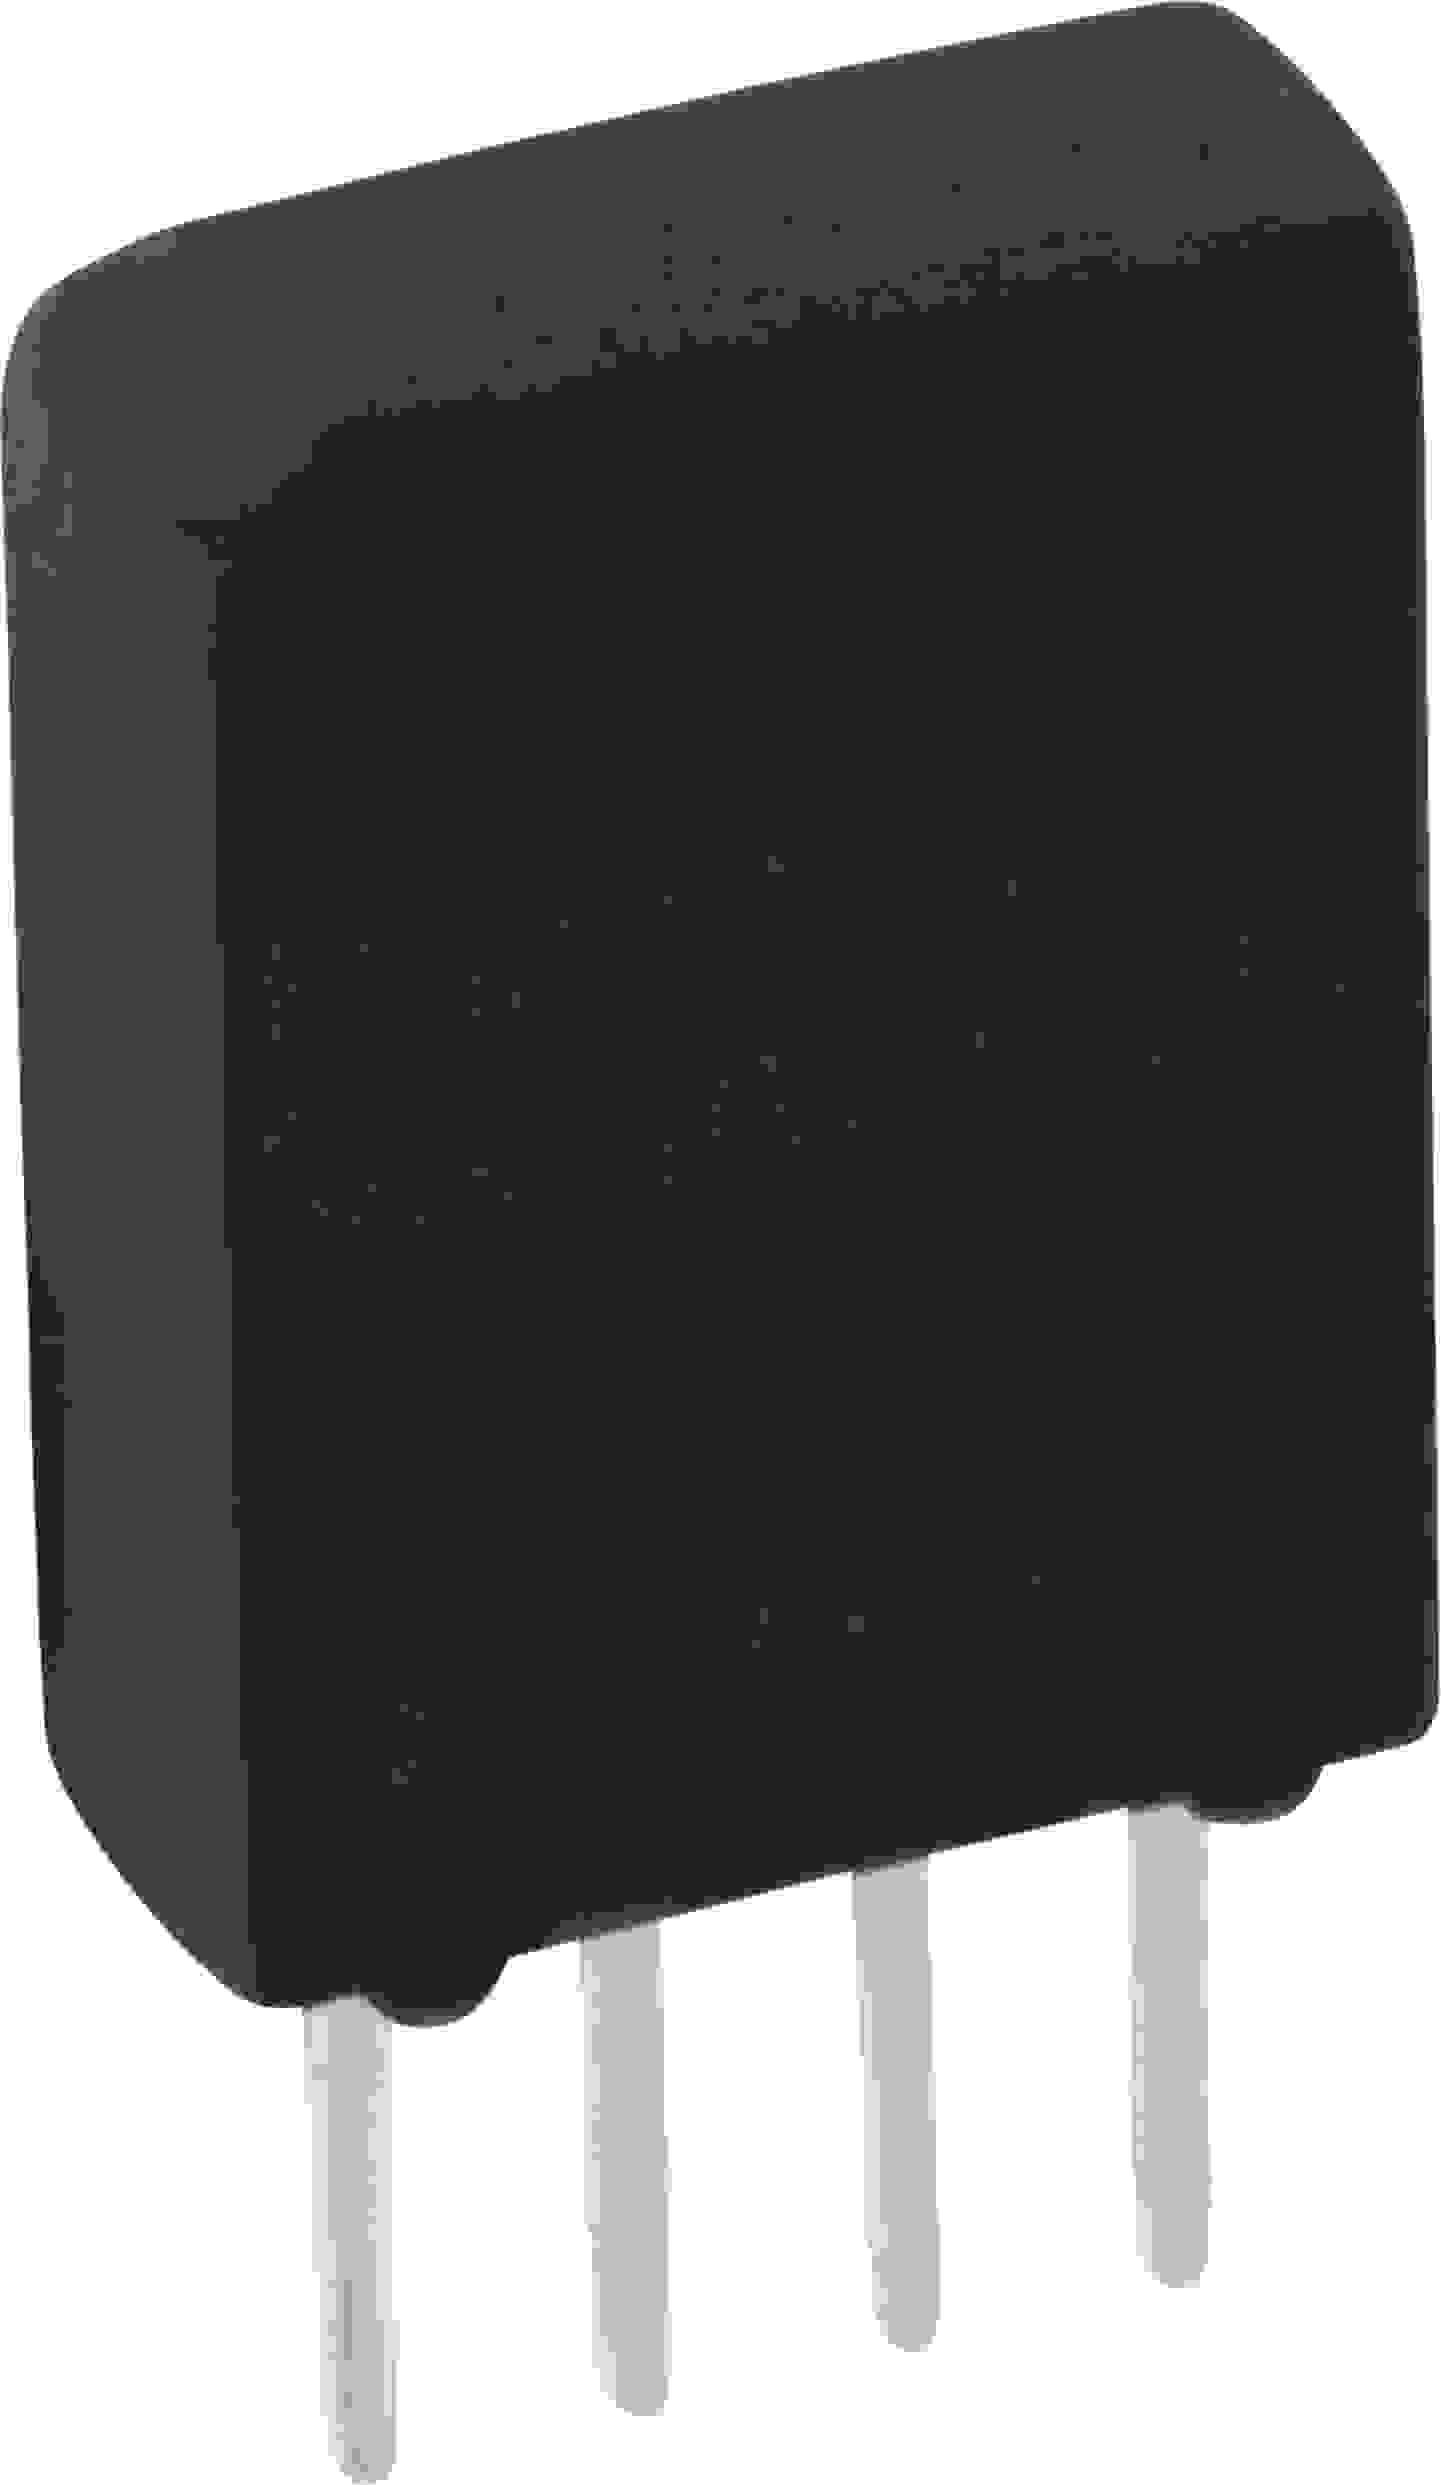 Relais in einem SIL-Gehäuse und außen vier Lötpins zum Anschluss